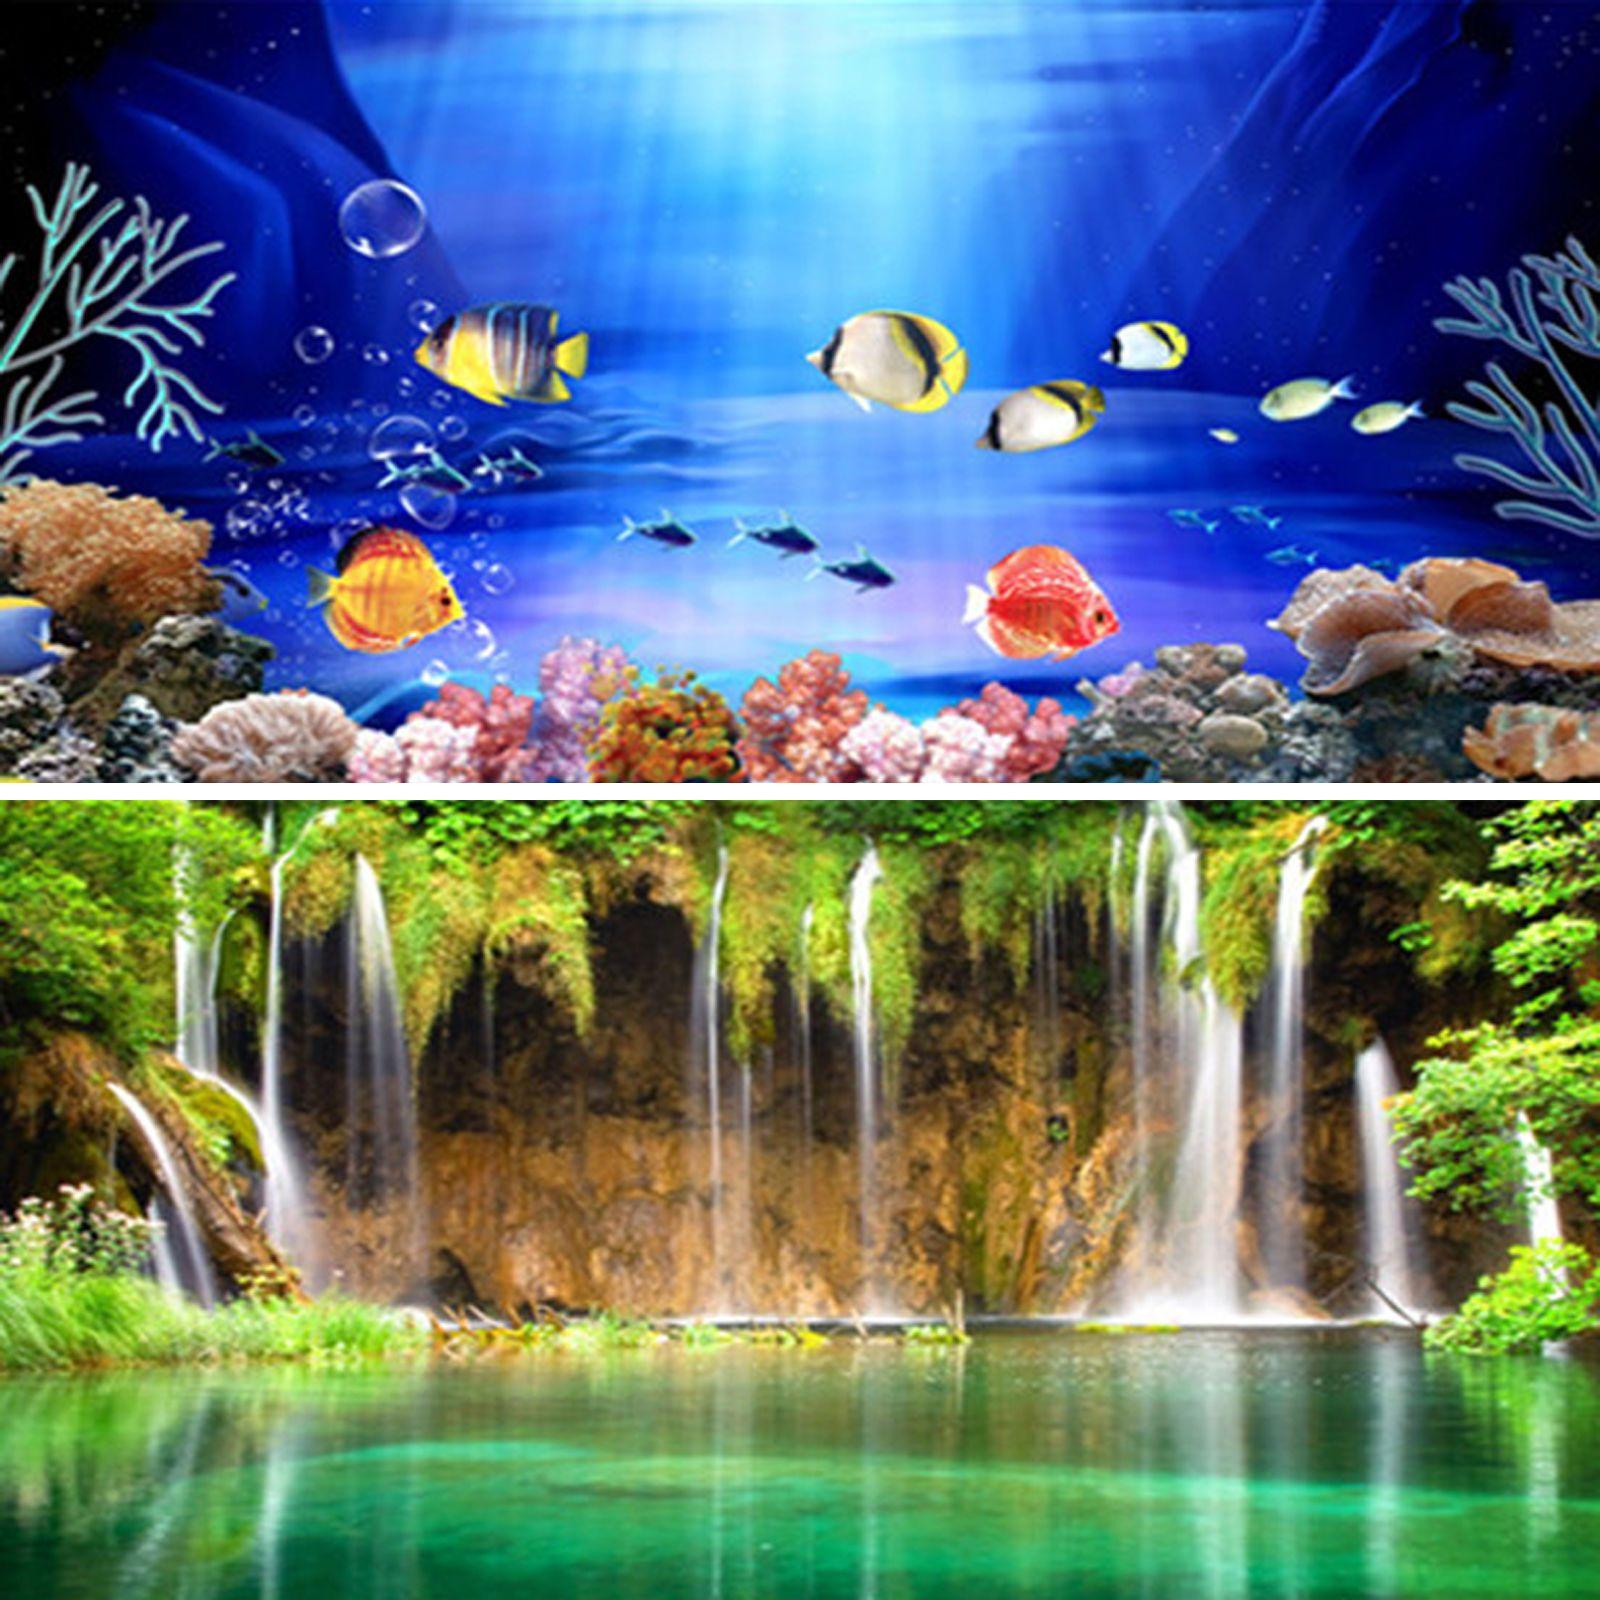 Aquarium Backdrop 2 Pics